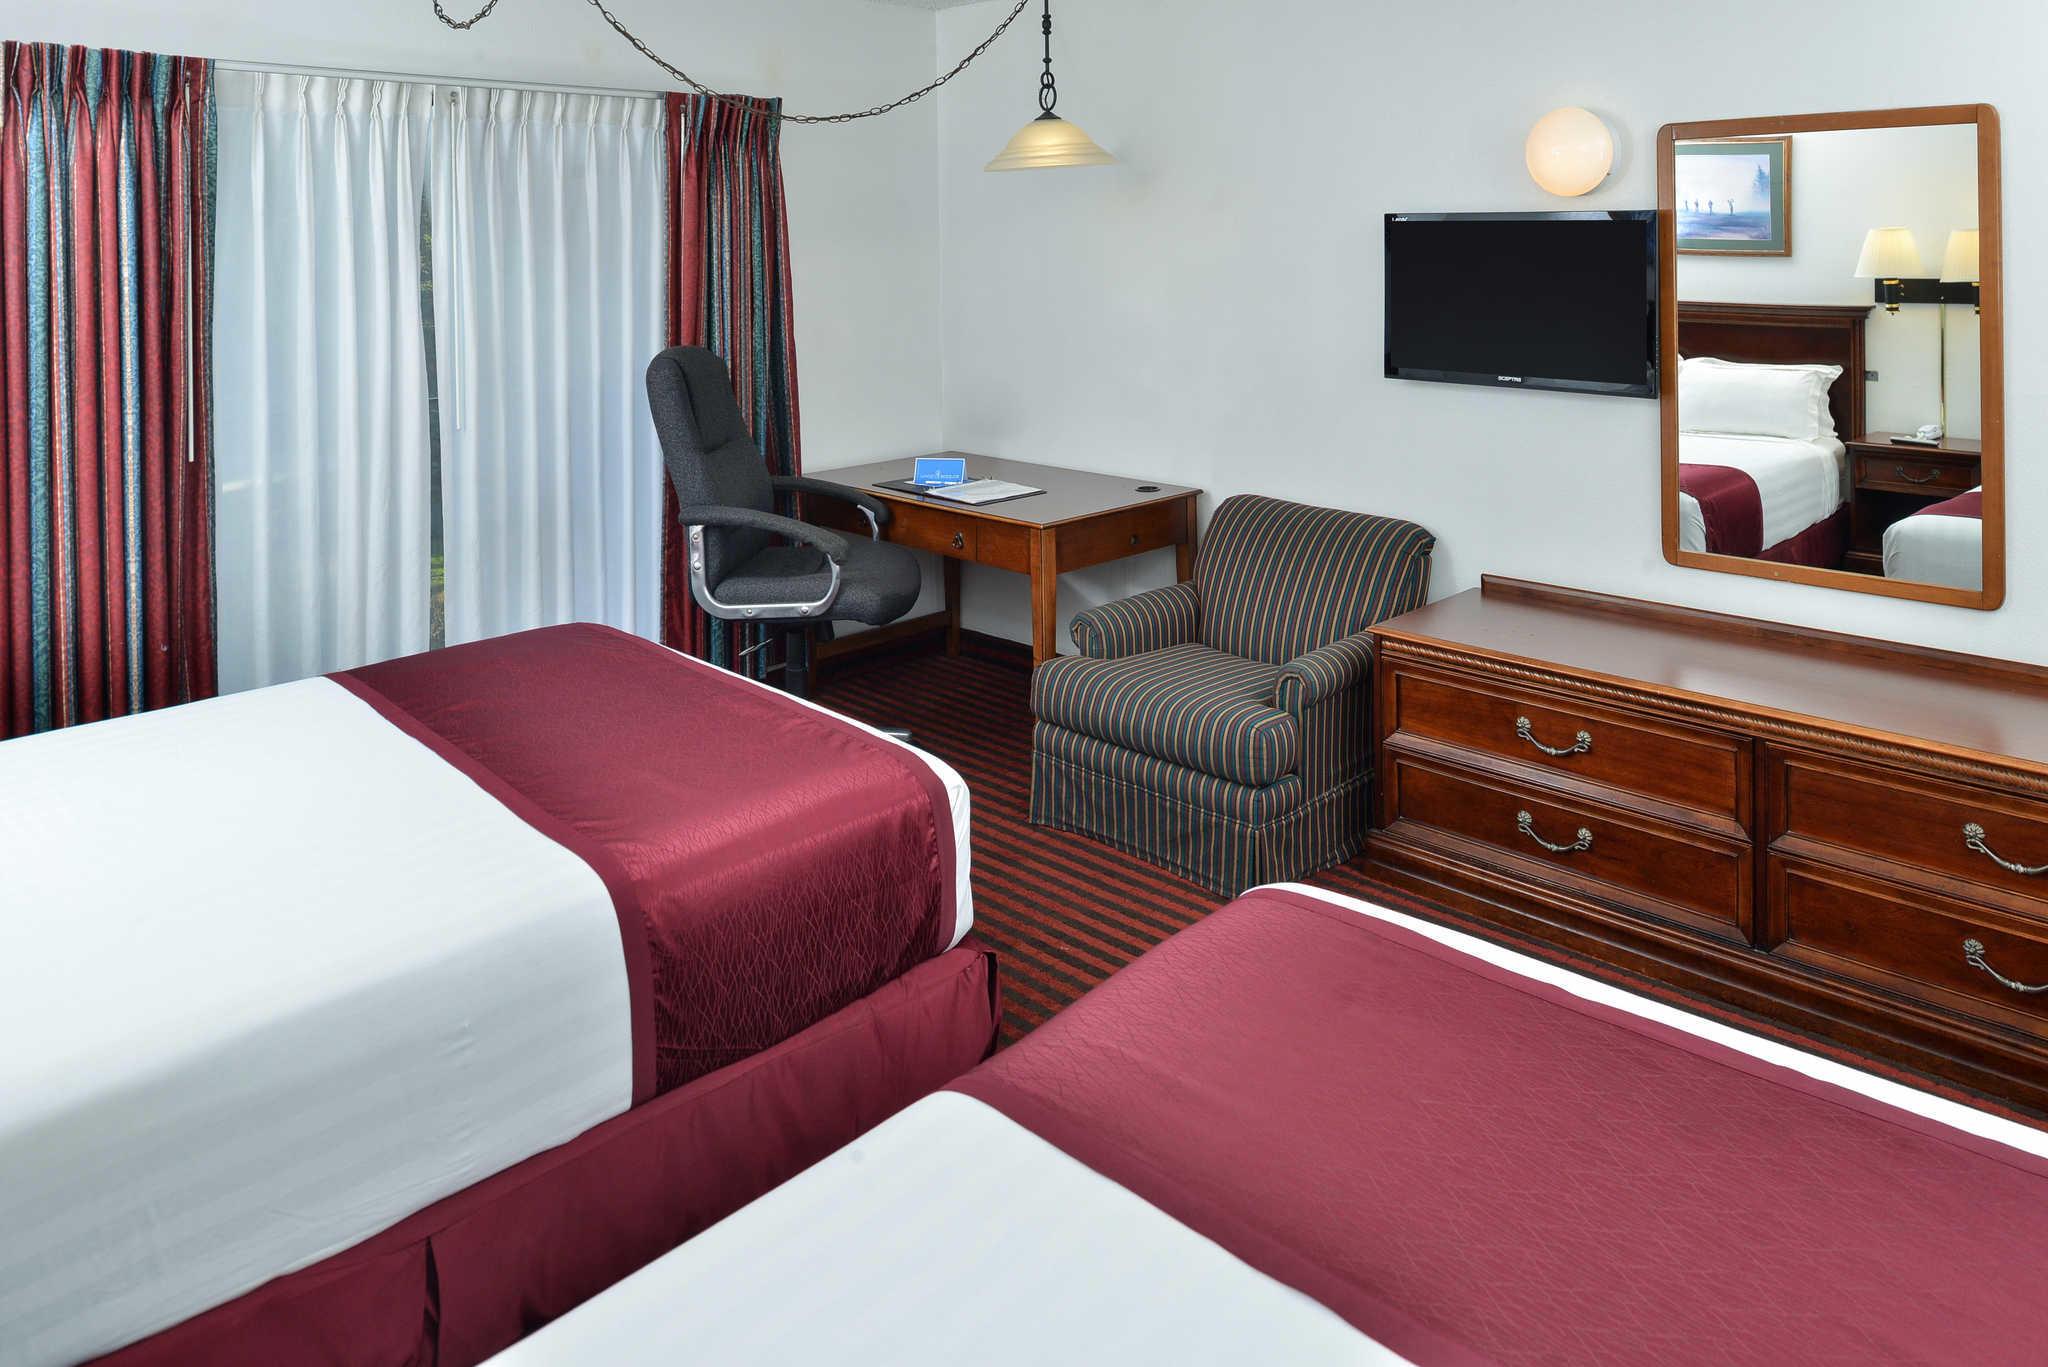 Rodeway Inn & Suites - Closed image 4